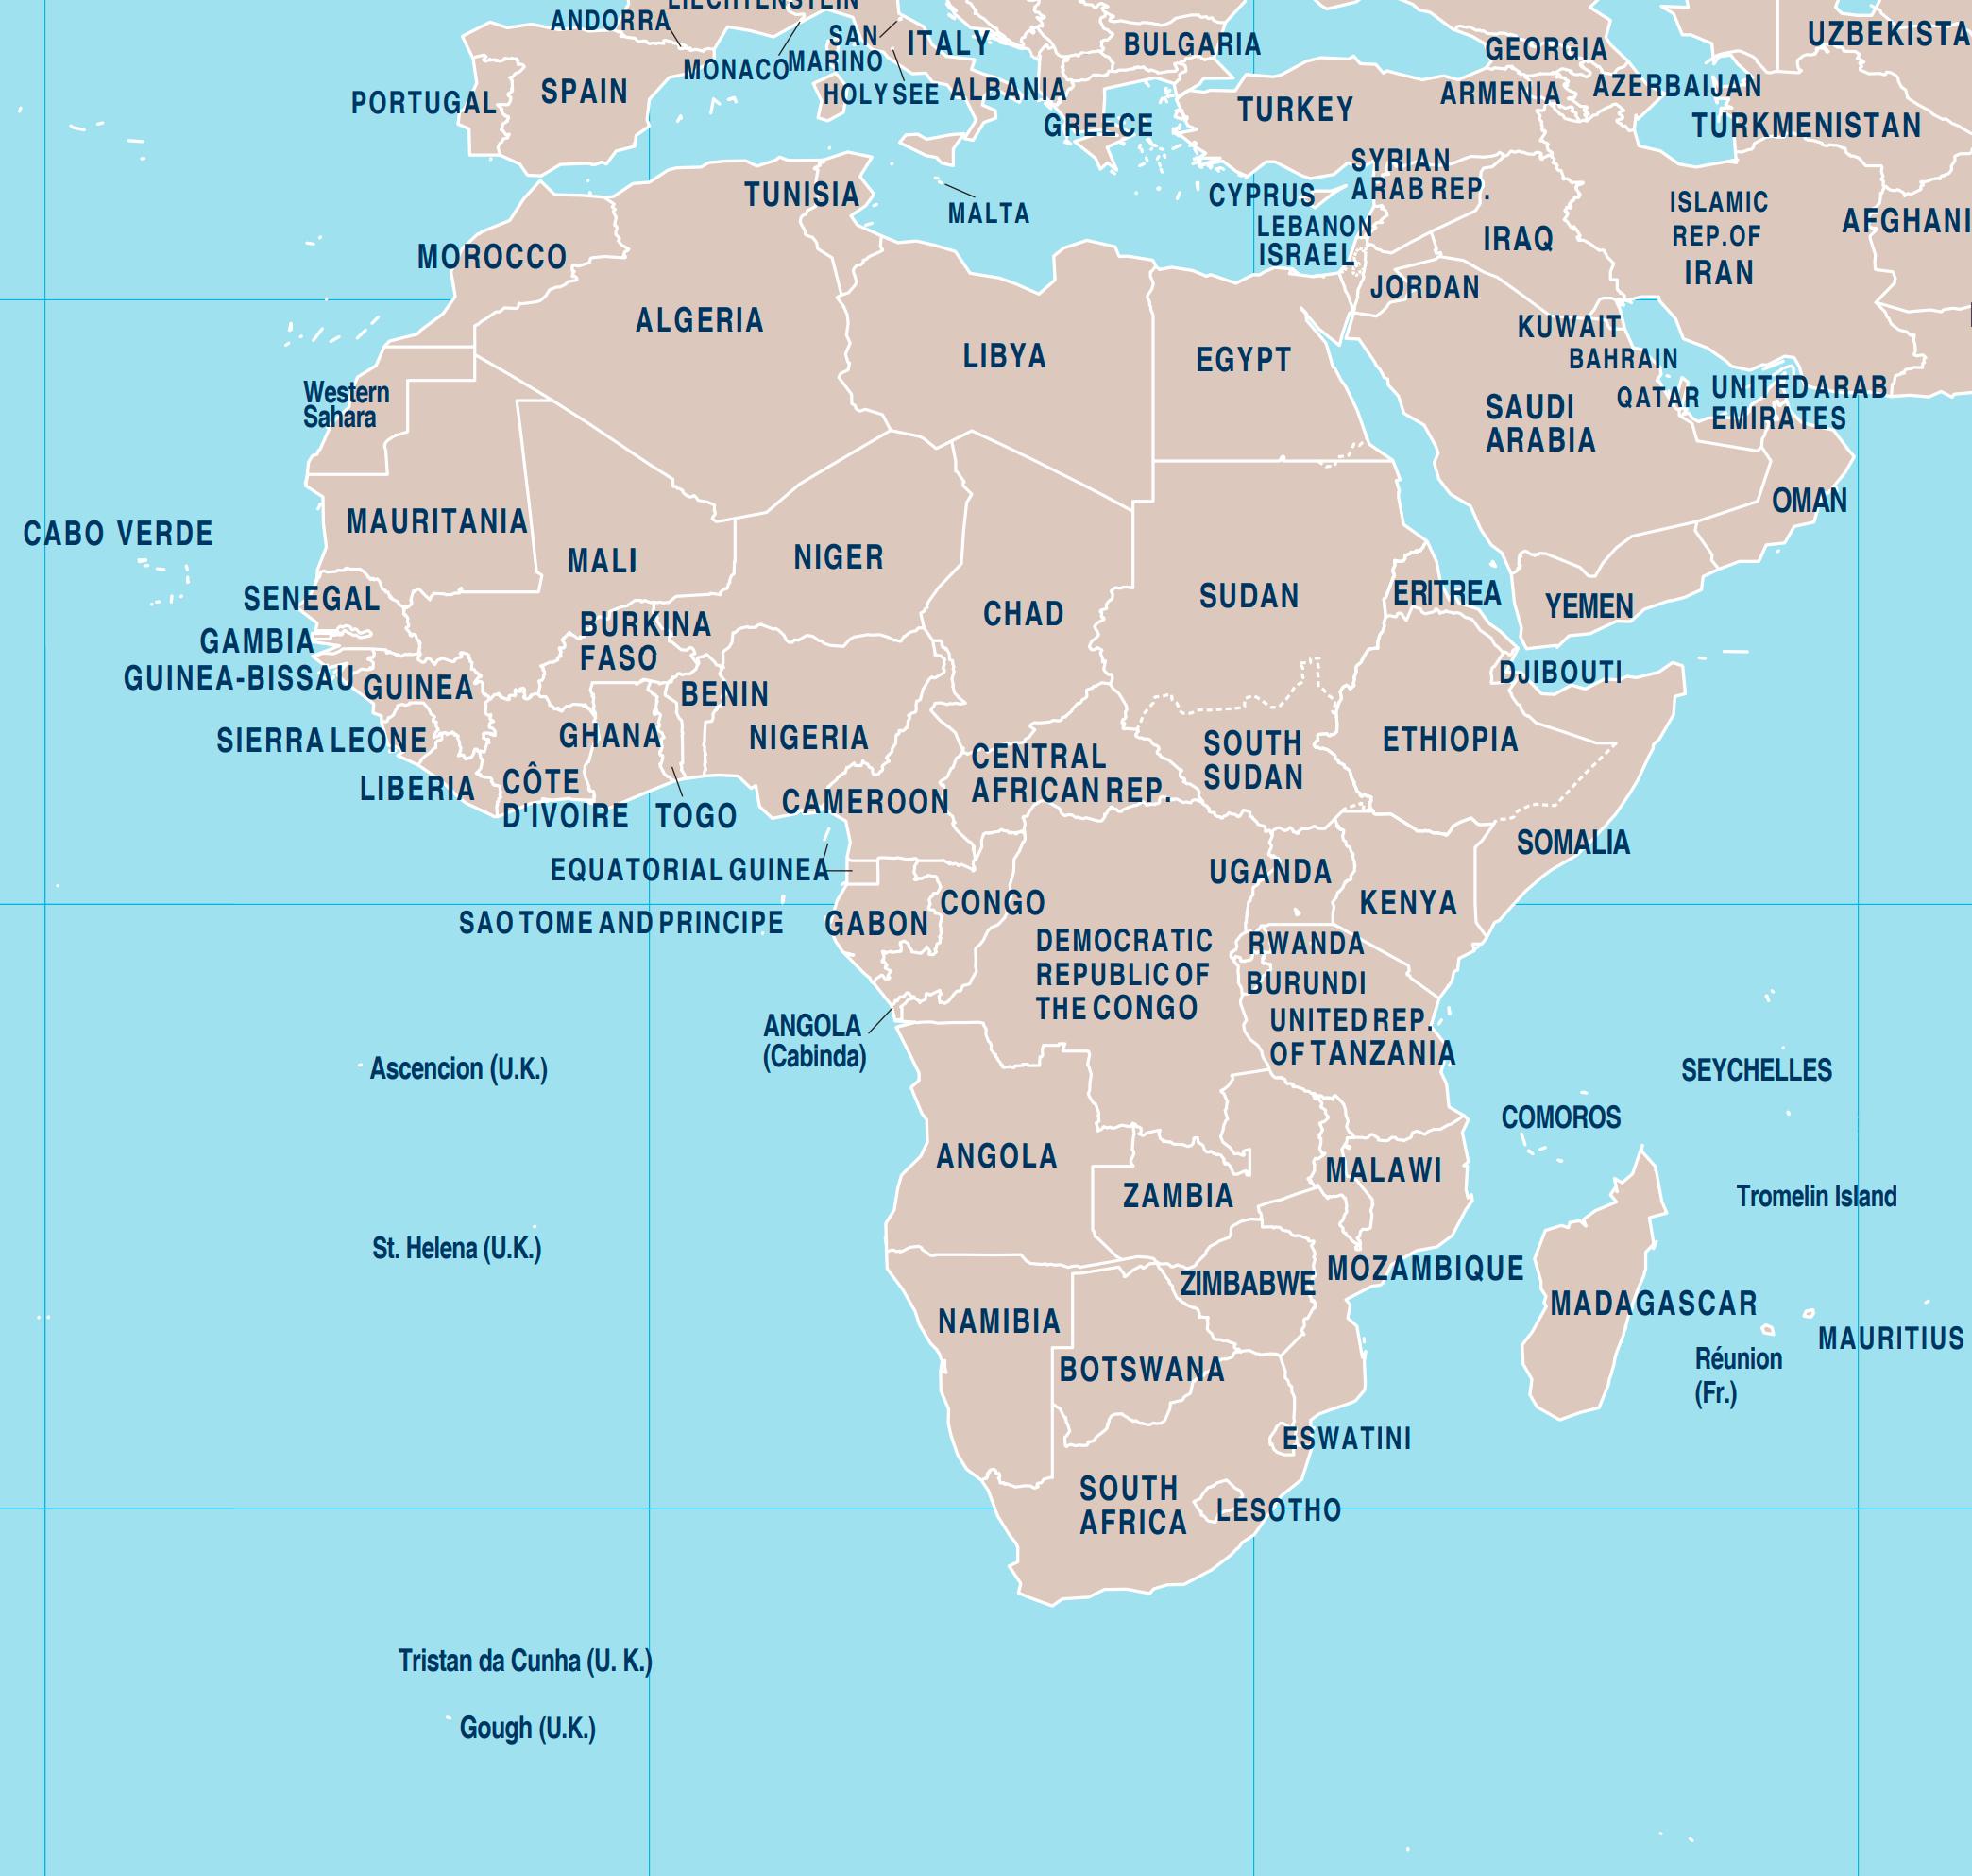 Berkas Africa Political Map Jpg Wikipedia Bahasa Indonesia Ensiklopedia Bebas